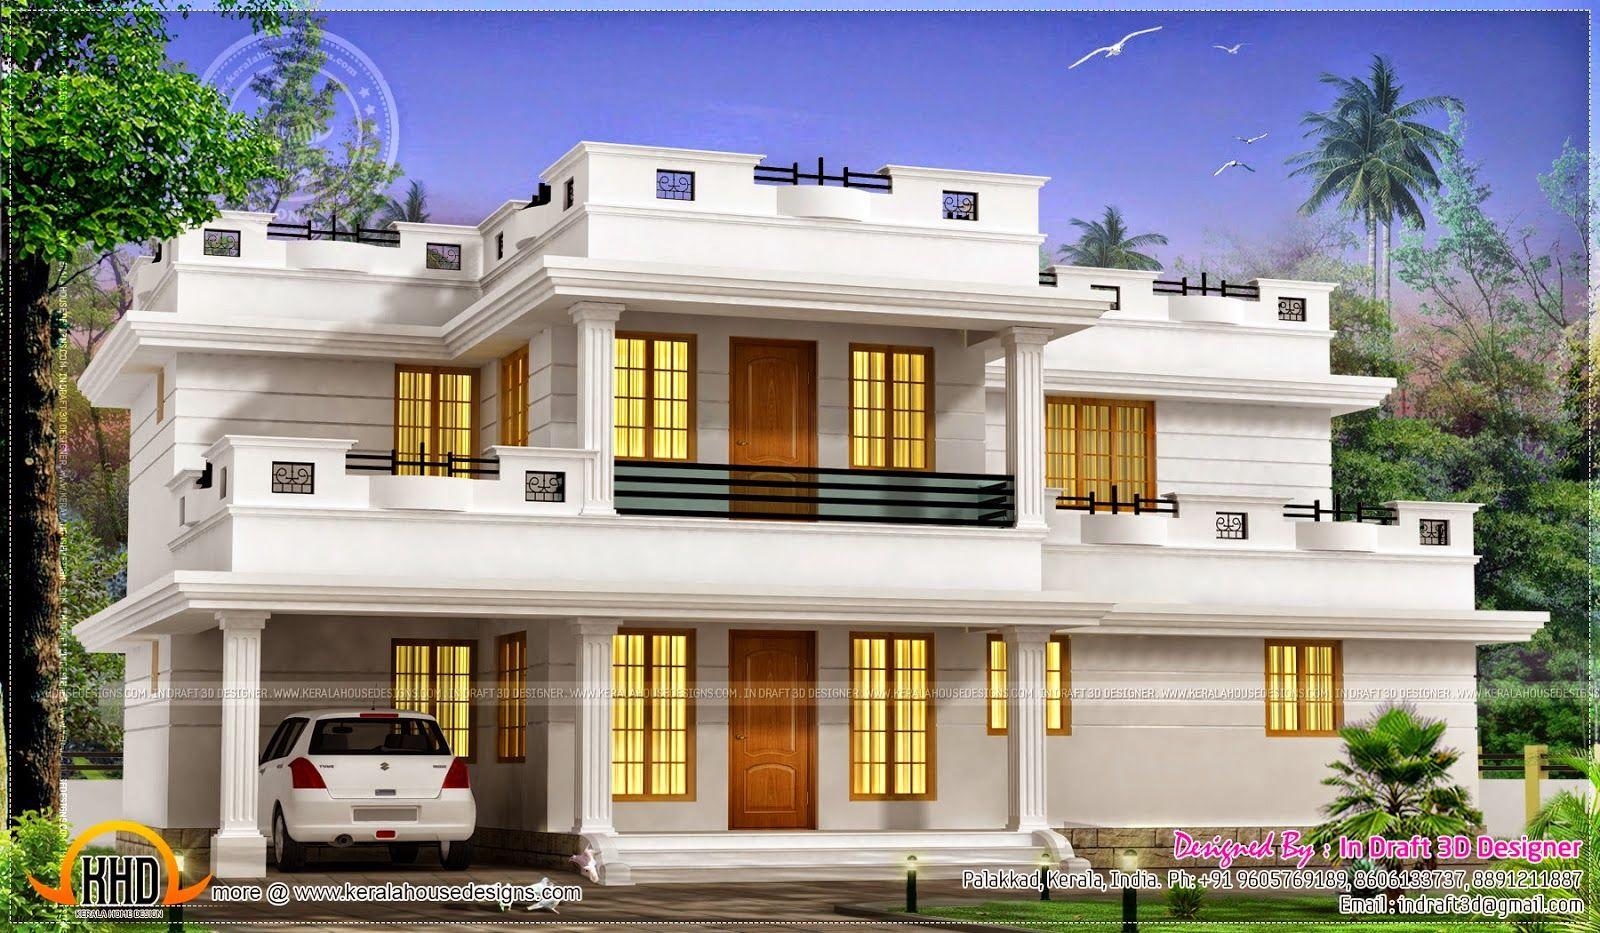 15 Model Desain Atap Rumah Datar Terbaru Dan Terlengkap Deagam Design